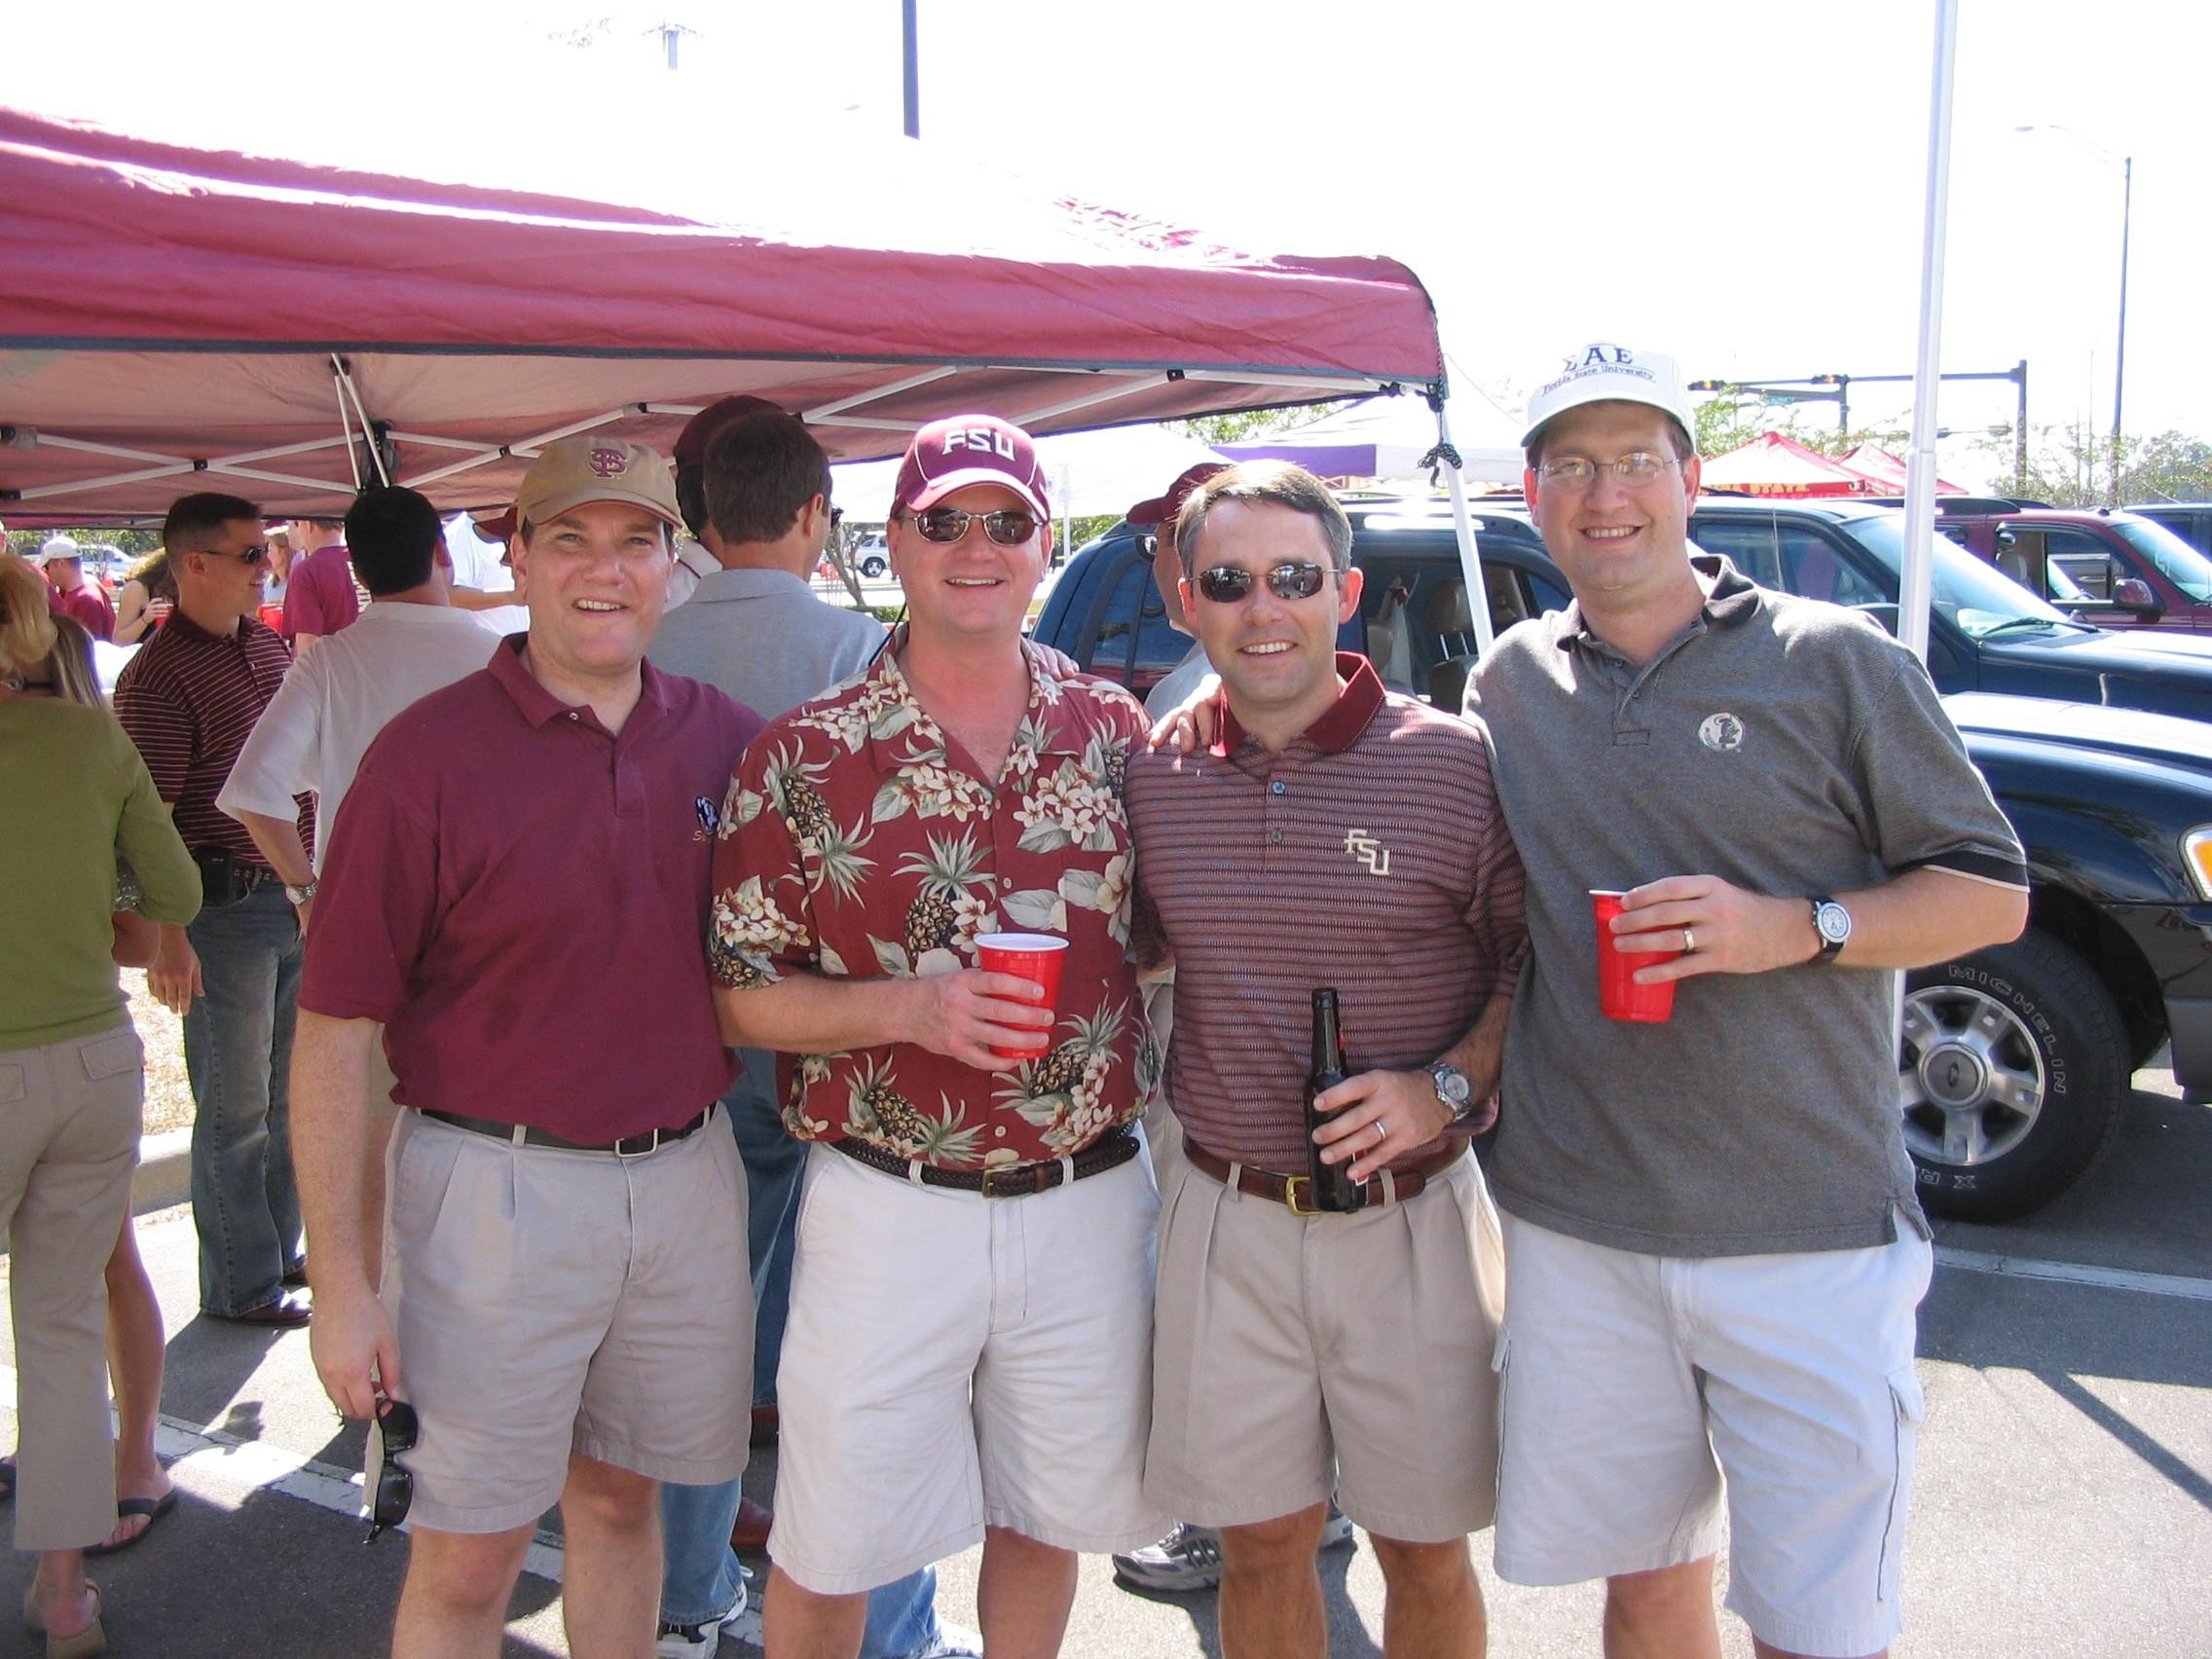 2005 alumni tailgate-DaveWainer, TBD, BartAbstein, BrettBelote.JPG